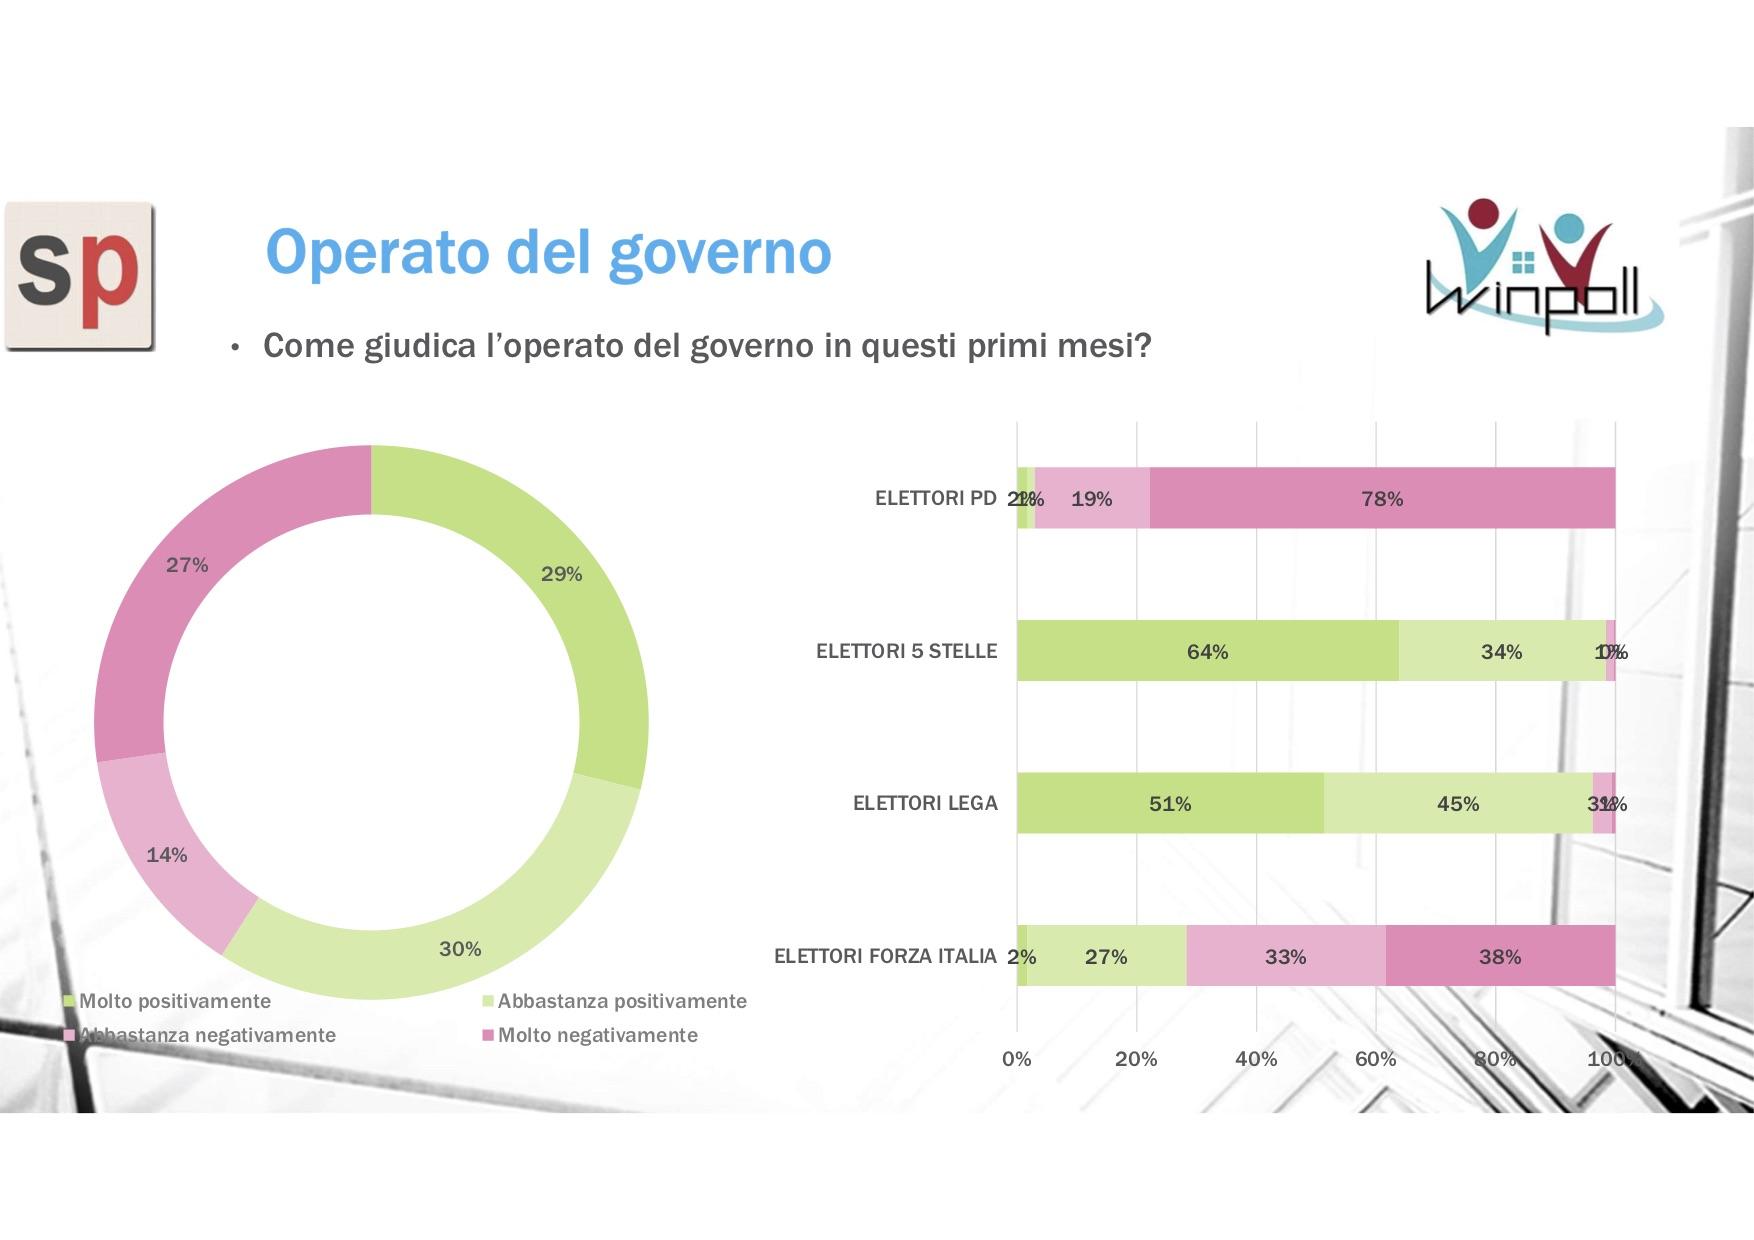 sondaggi elettorali winpoll, operato governo